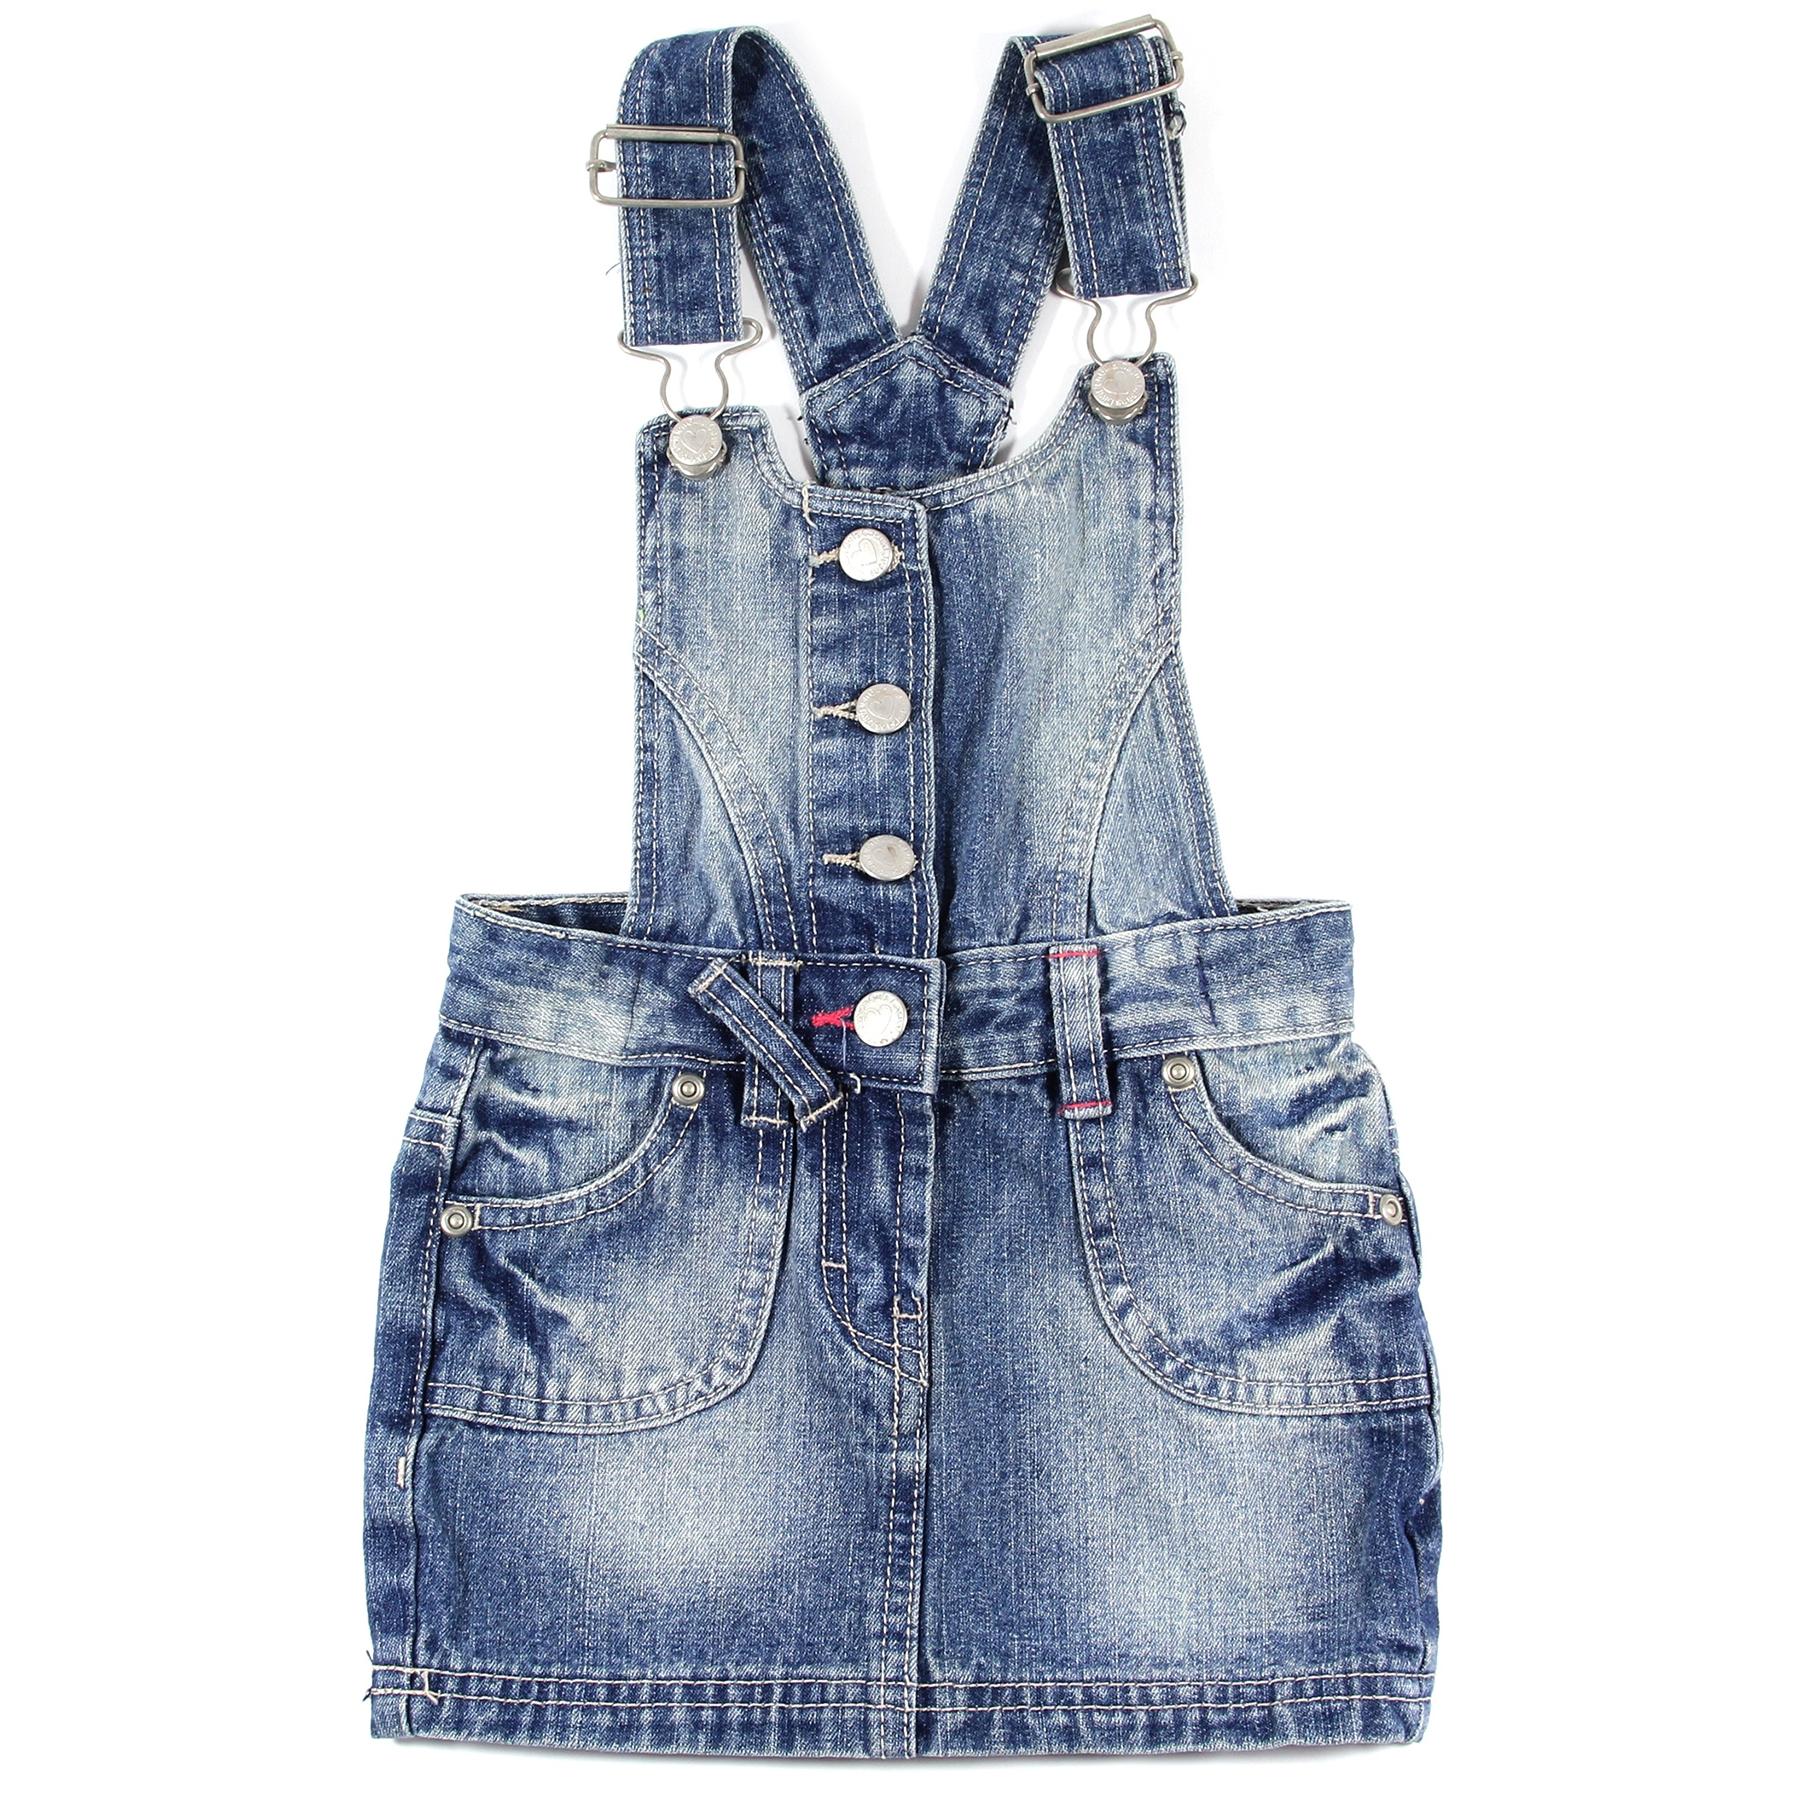 Hippe Merken Kinderkleding.Overige Merken Jurk Blauw Maat 92 98 Bij Tweedehandjes Com